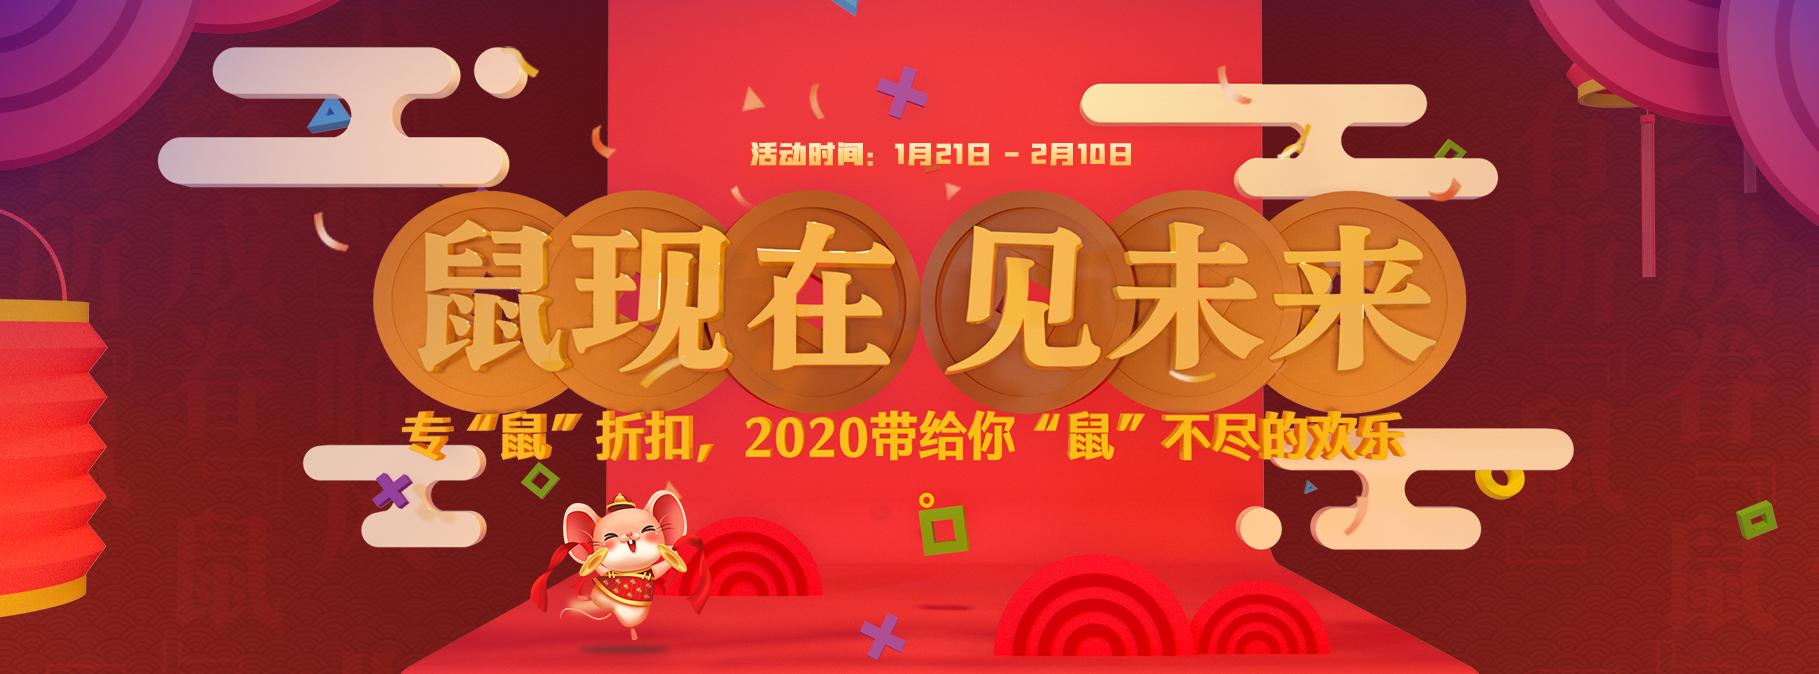 斗蟹游戲商tan)2020新年送福利專場(chang)